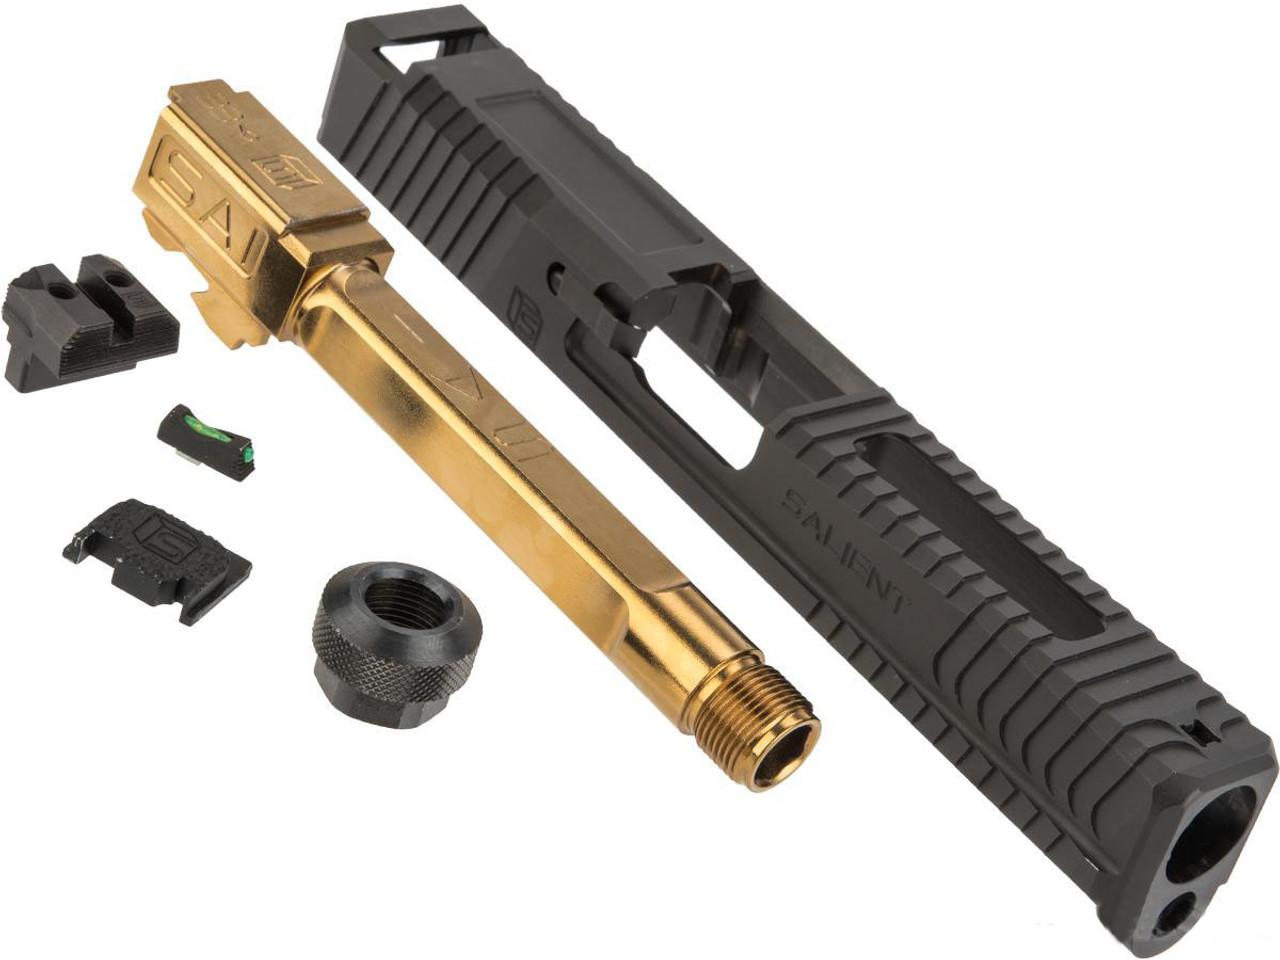 G&P Steel Slide for EMG SAI BLU Gas Blowback Training Pistols (Barrel: Gold  Barrel)